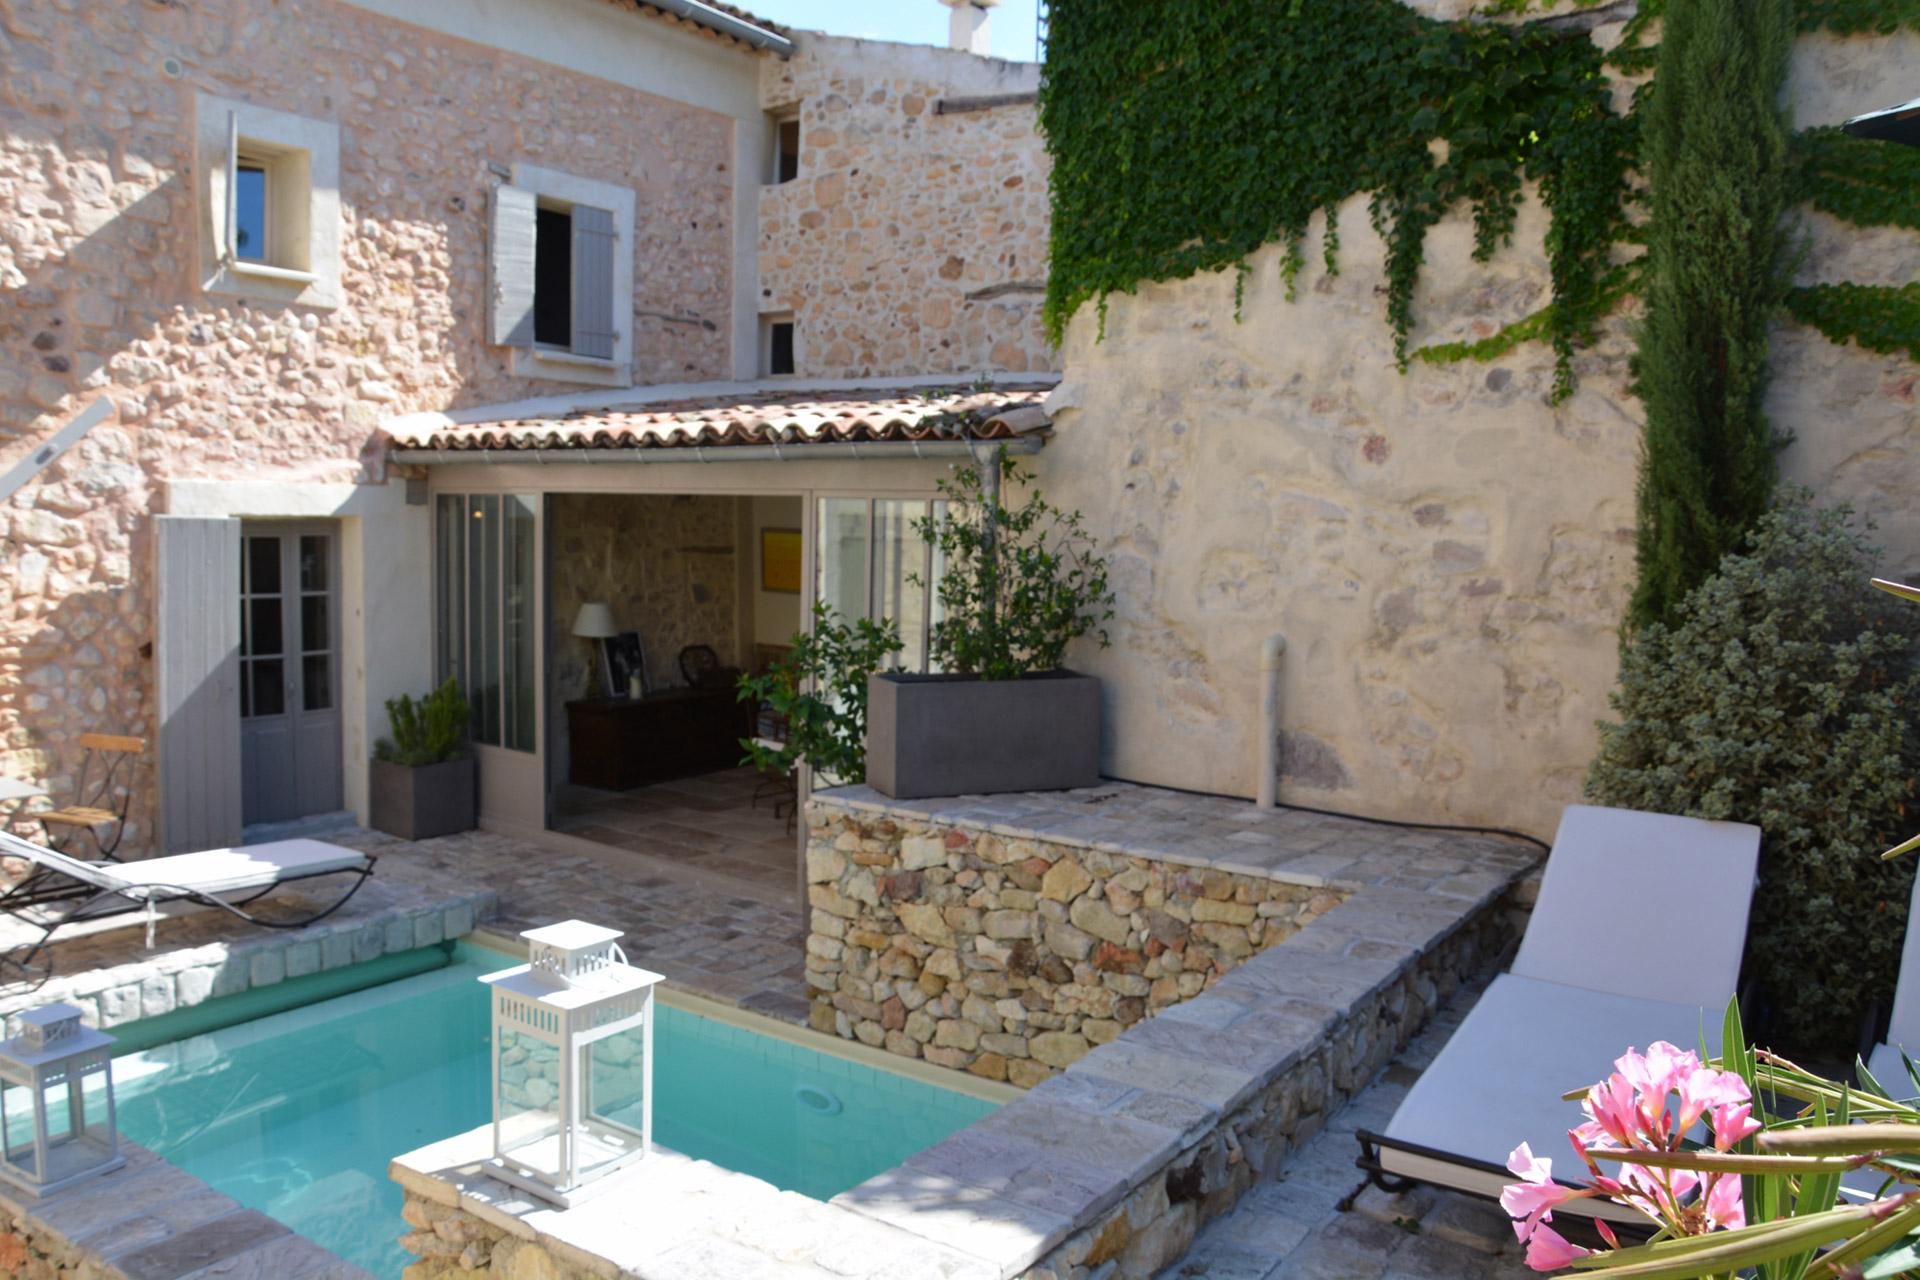 Maison restaurée avec piscinen à vendre dans le Luberon